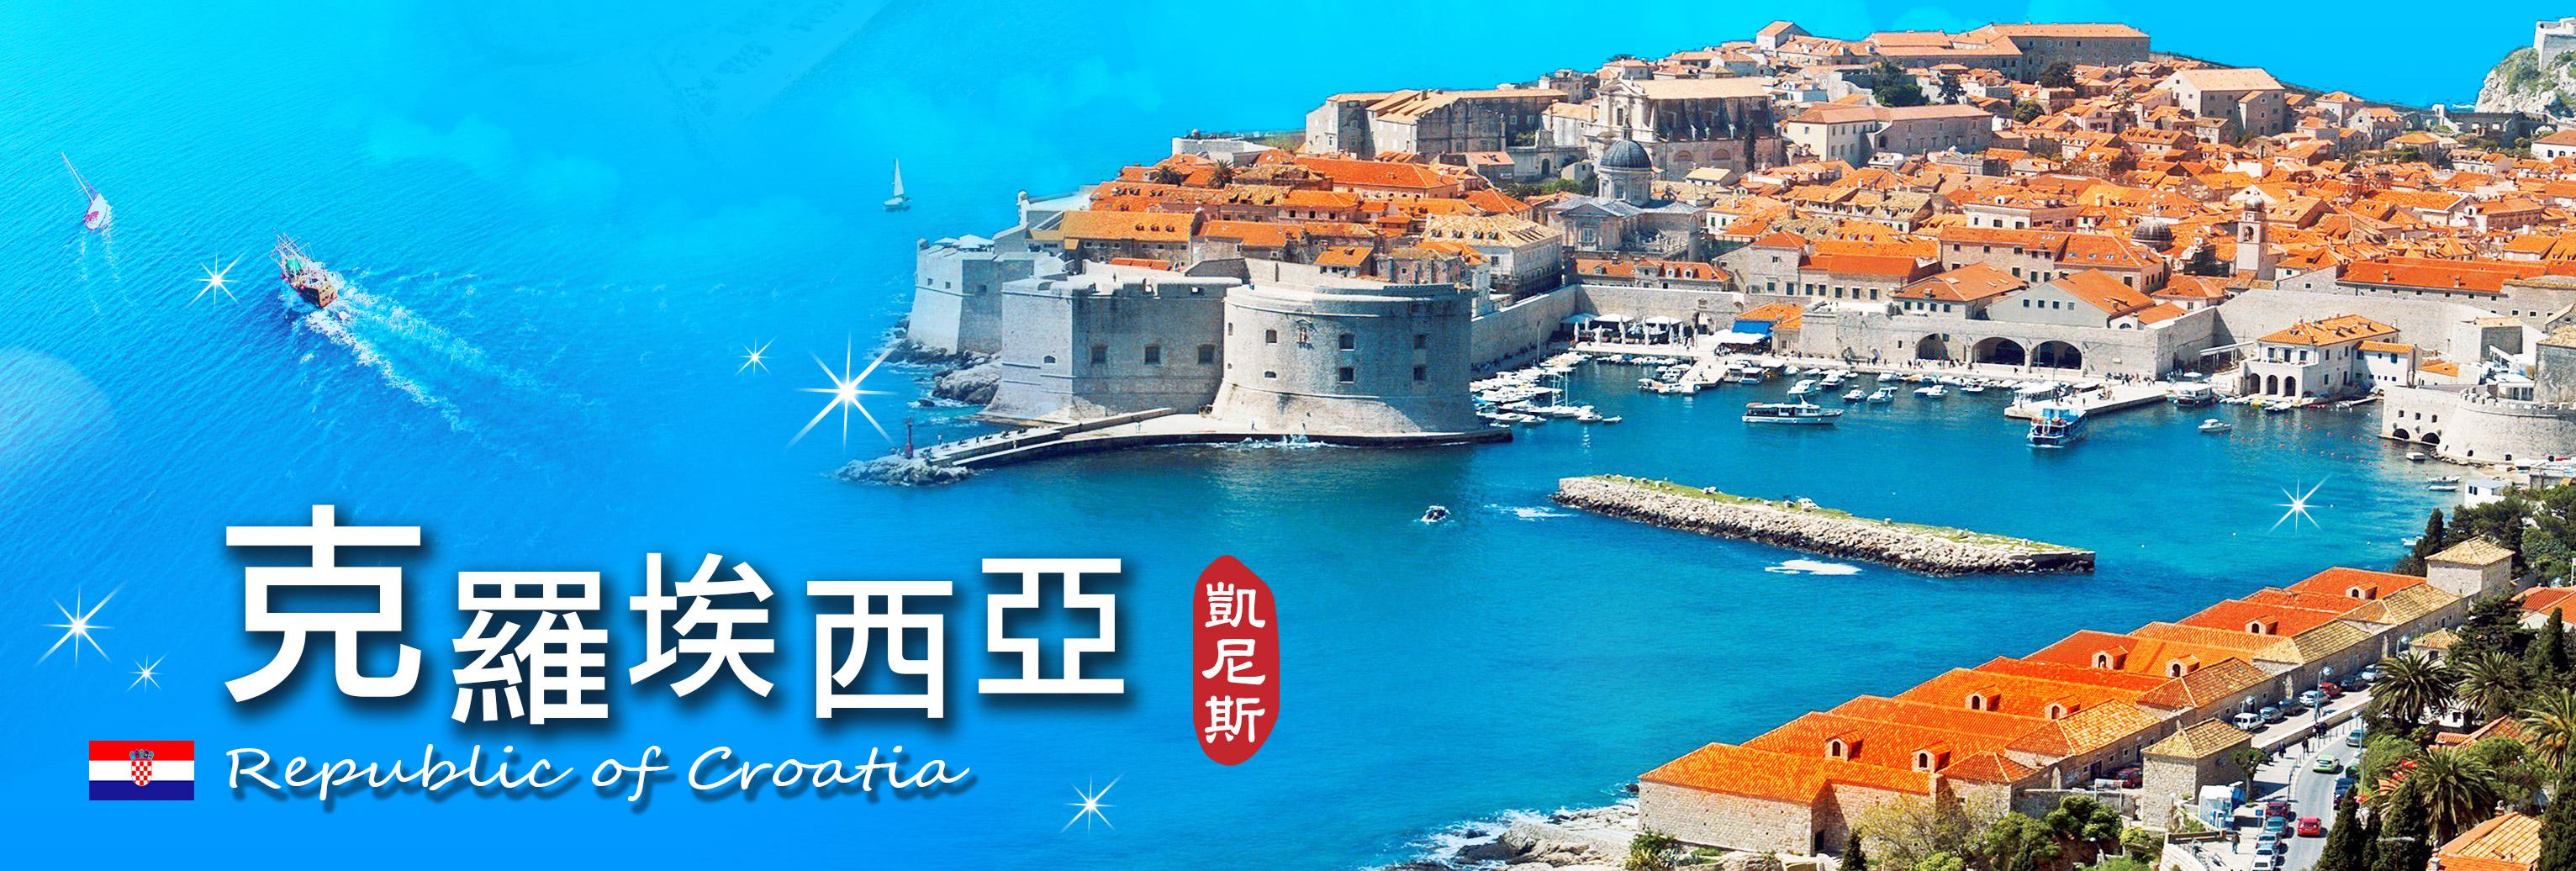 克羅埃西亞旅遊